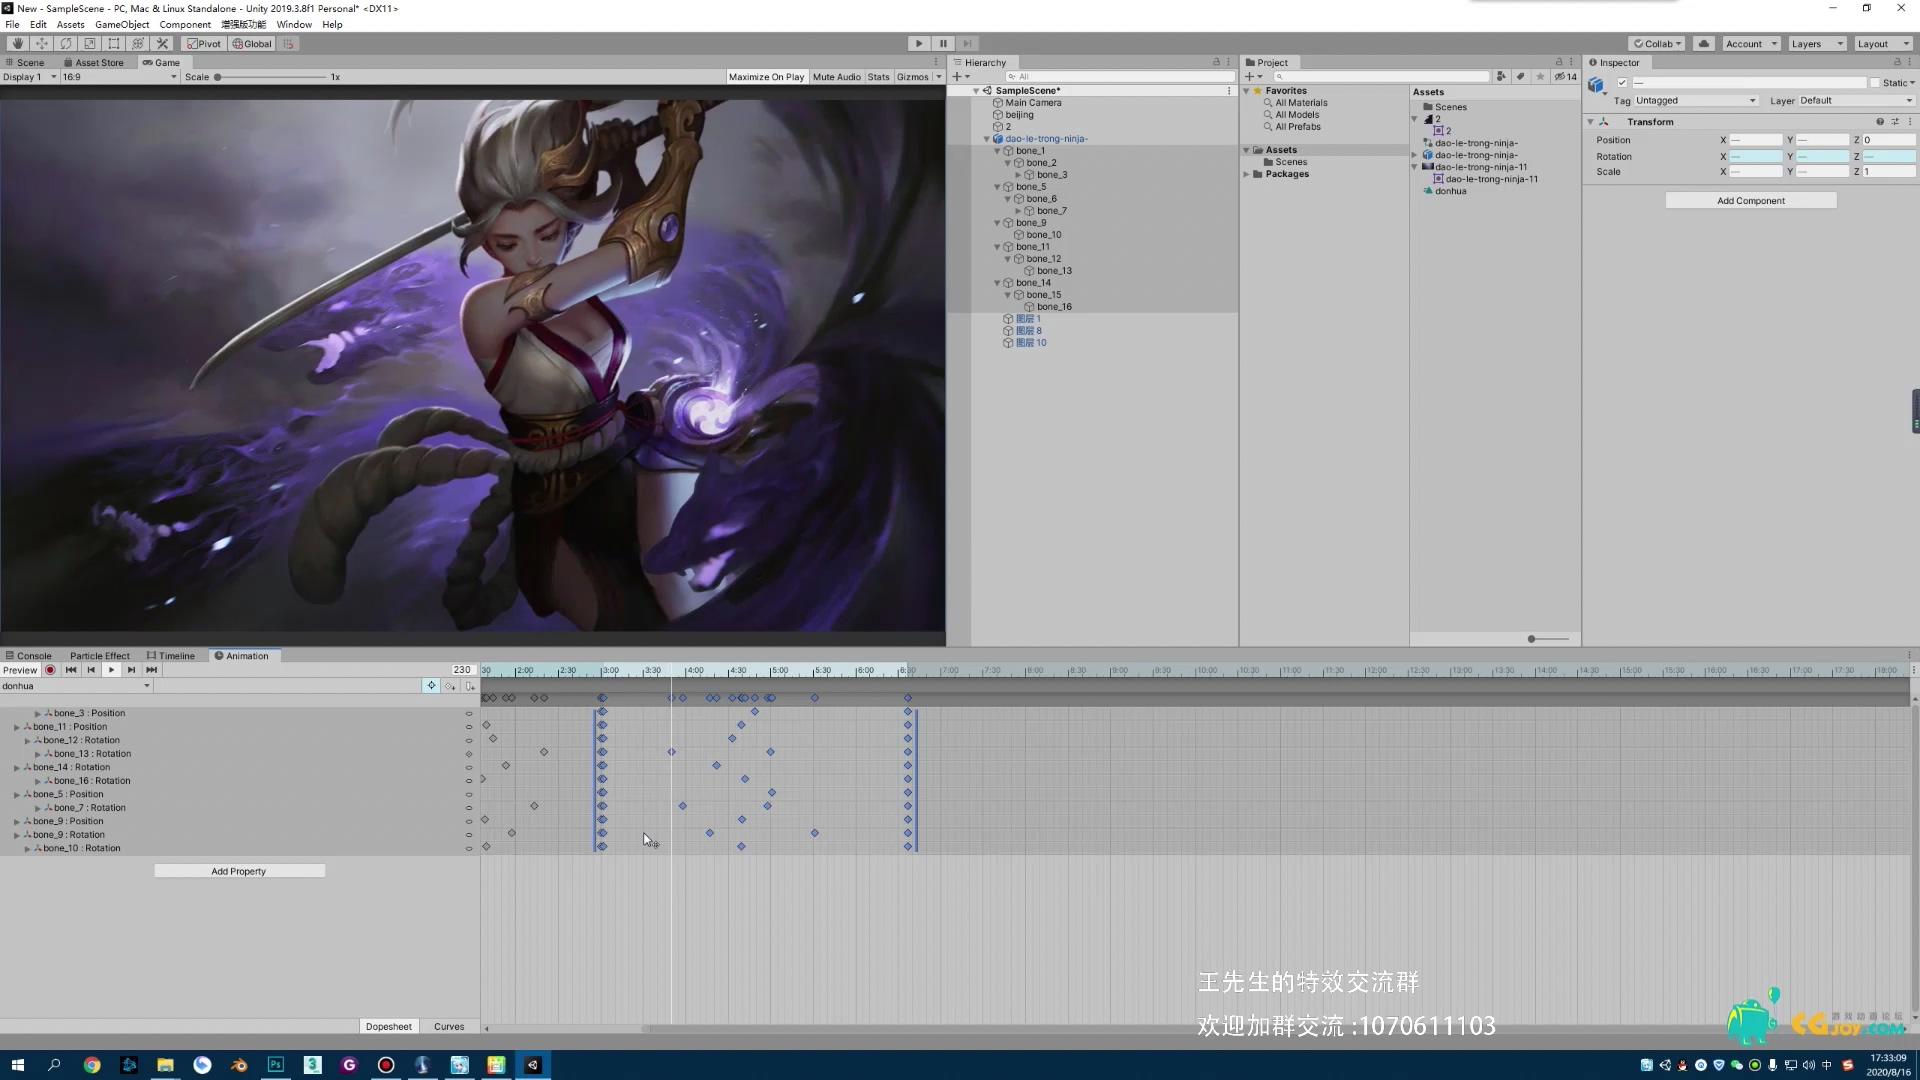 王先生零基础特效教程06-unity3d简单2D动画(拆分,绑定,动画).mp4_20210810_181412.466.jpg